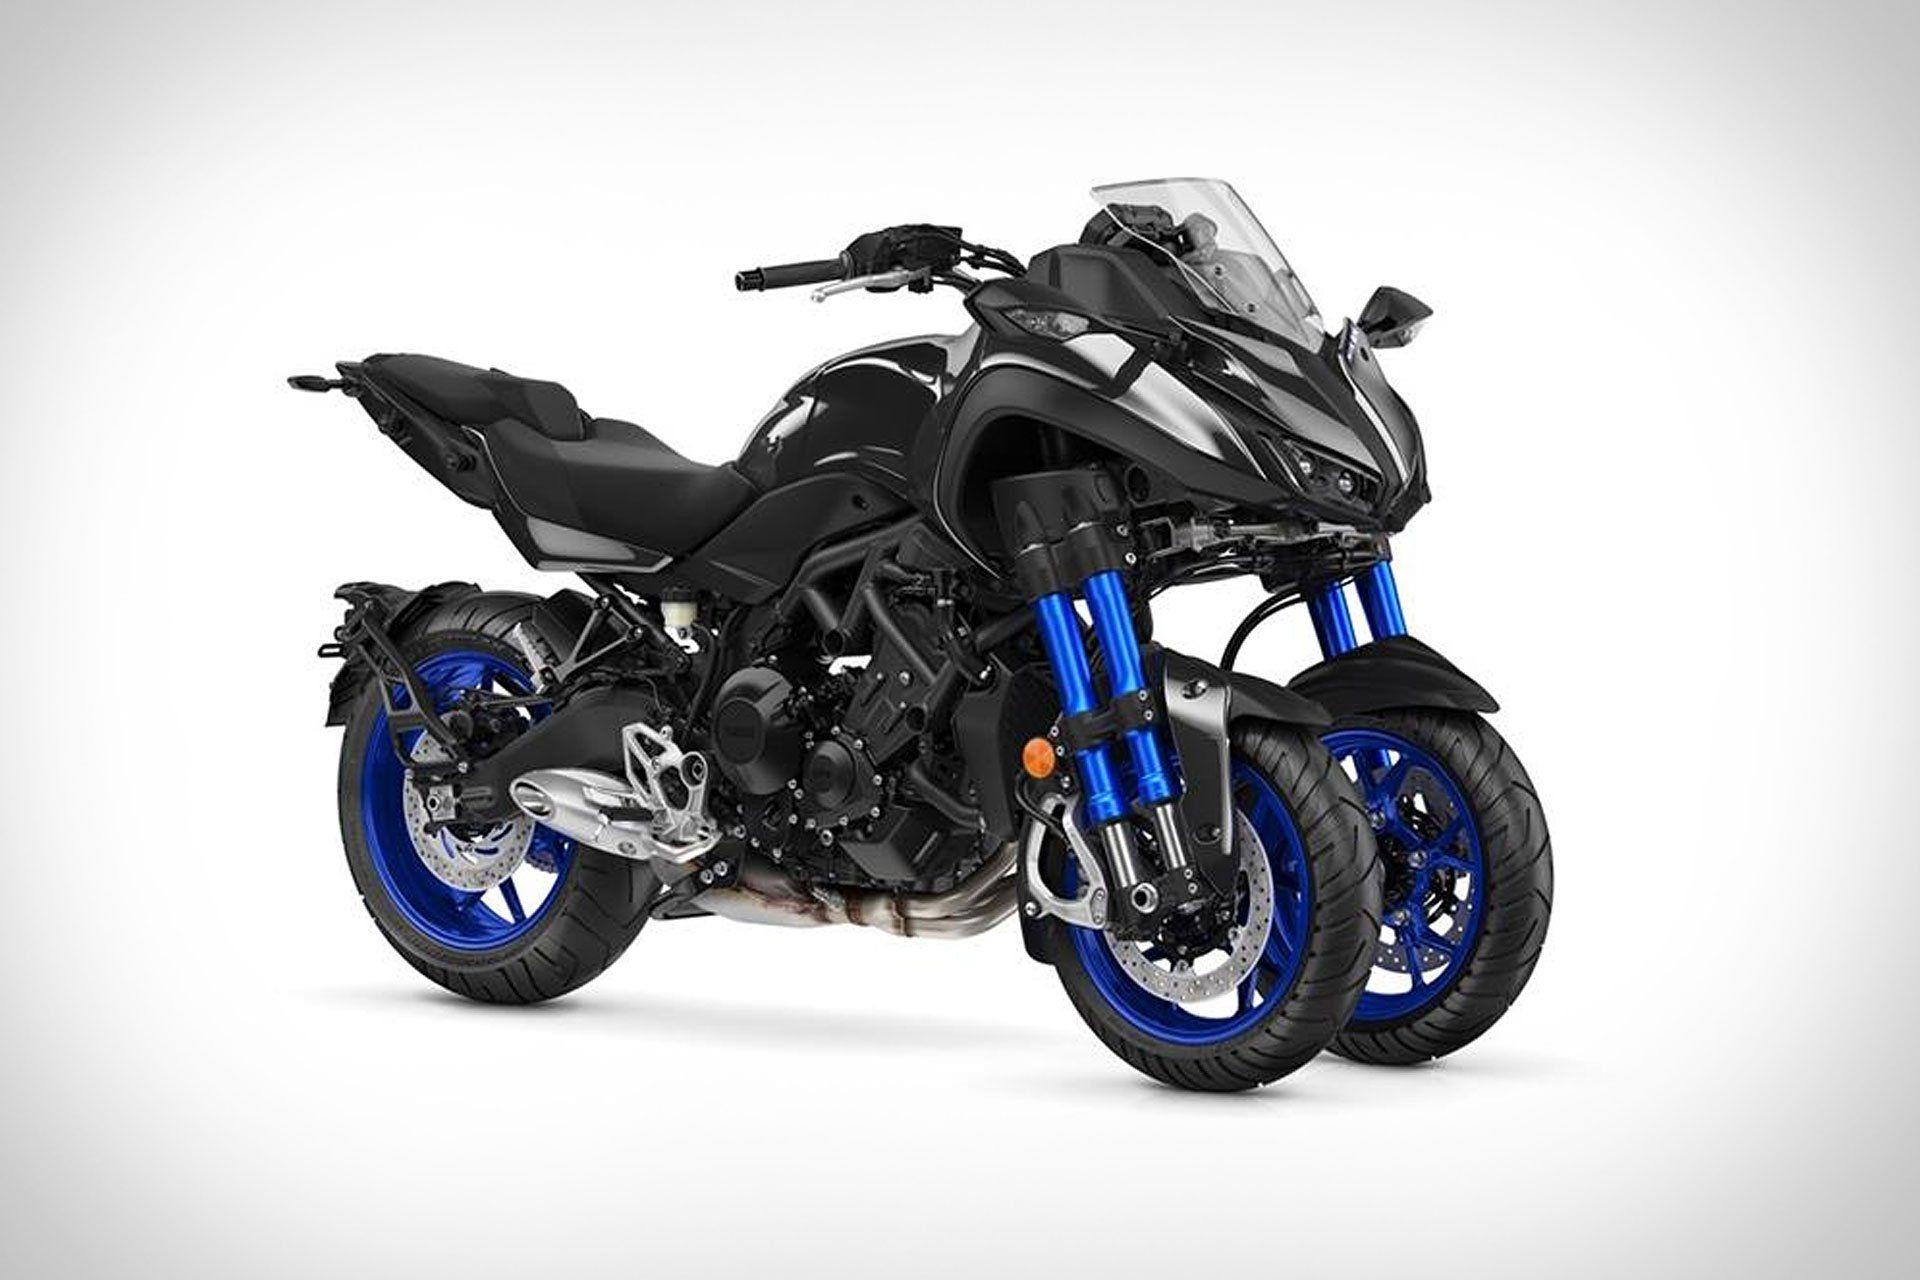 Pin Oleh Rizal Hasibuan Di Motor Sepeda Motor Motor Yamaha Motor